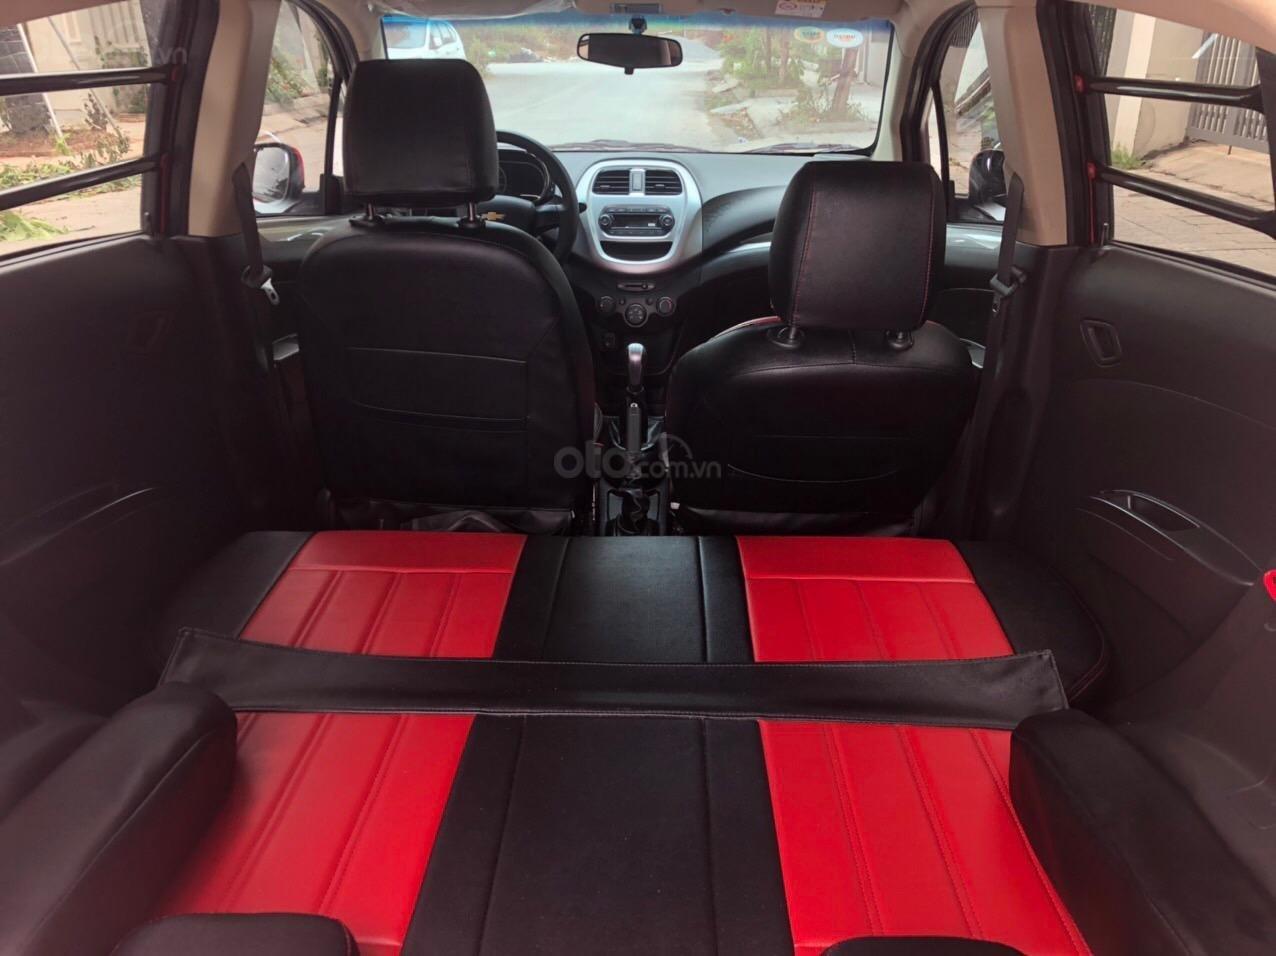 Bán xe Chevrolet Spark Van 2018 1.2 MT, 1 chủ cực đẹp (8)